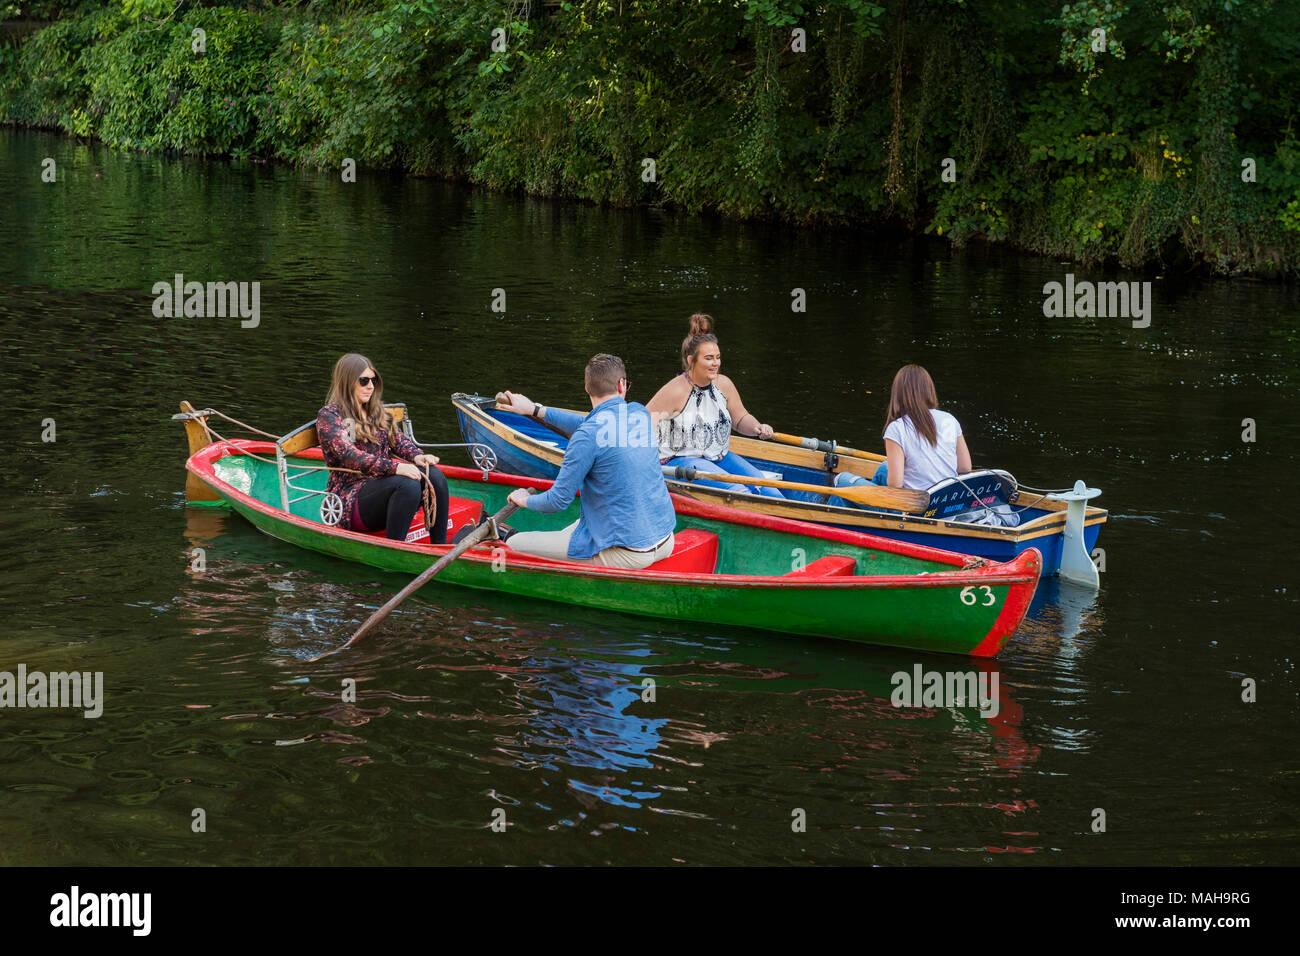 4 personnes du bateau en paires, se détendre et s'amuser dans 2 barques côte à côte et sur le point de collision - Rivière Nidd en été, Knaresborough, England, UK. Photo Stock